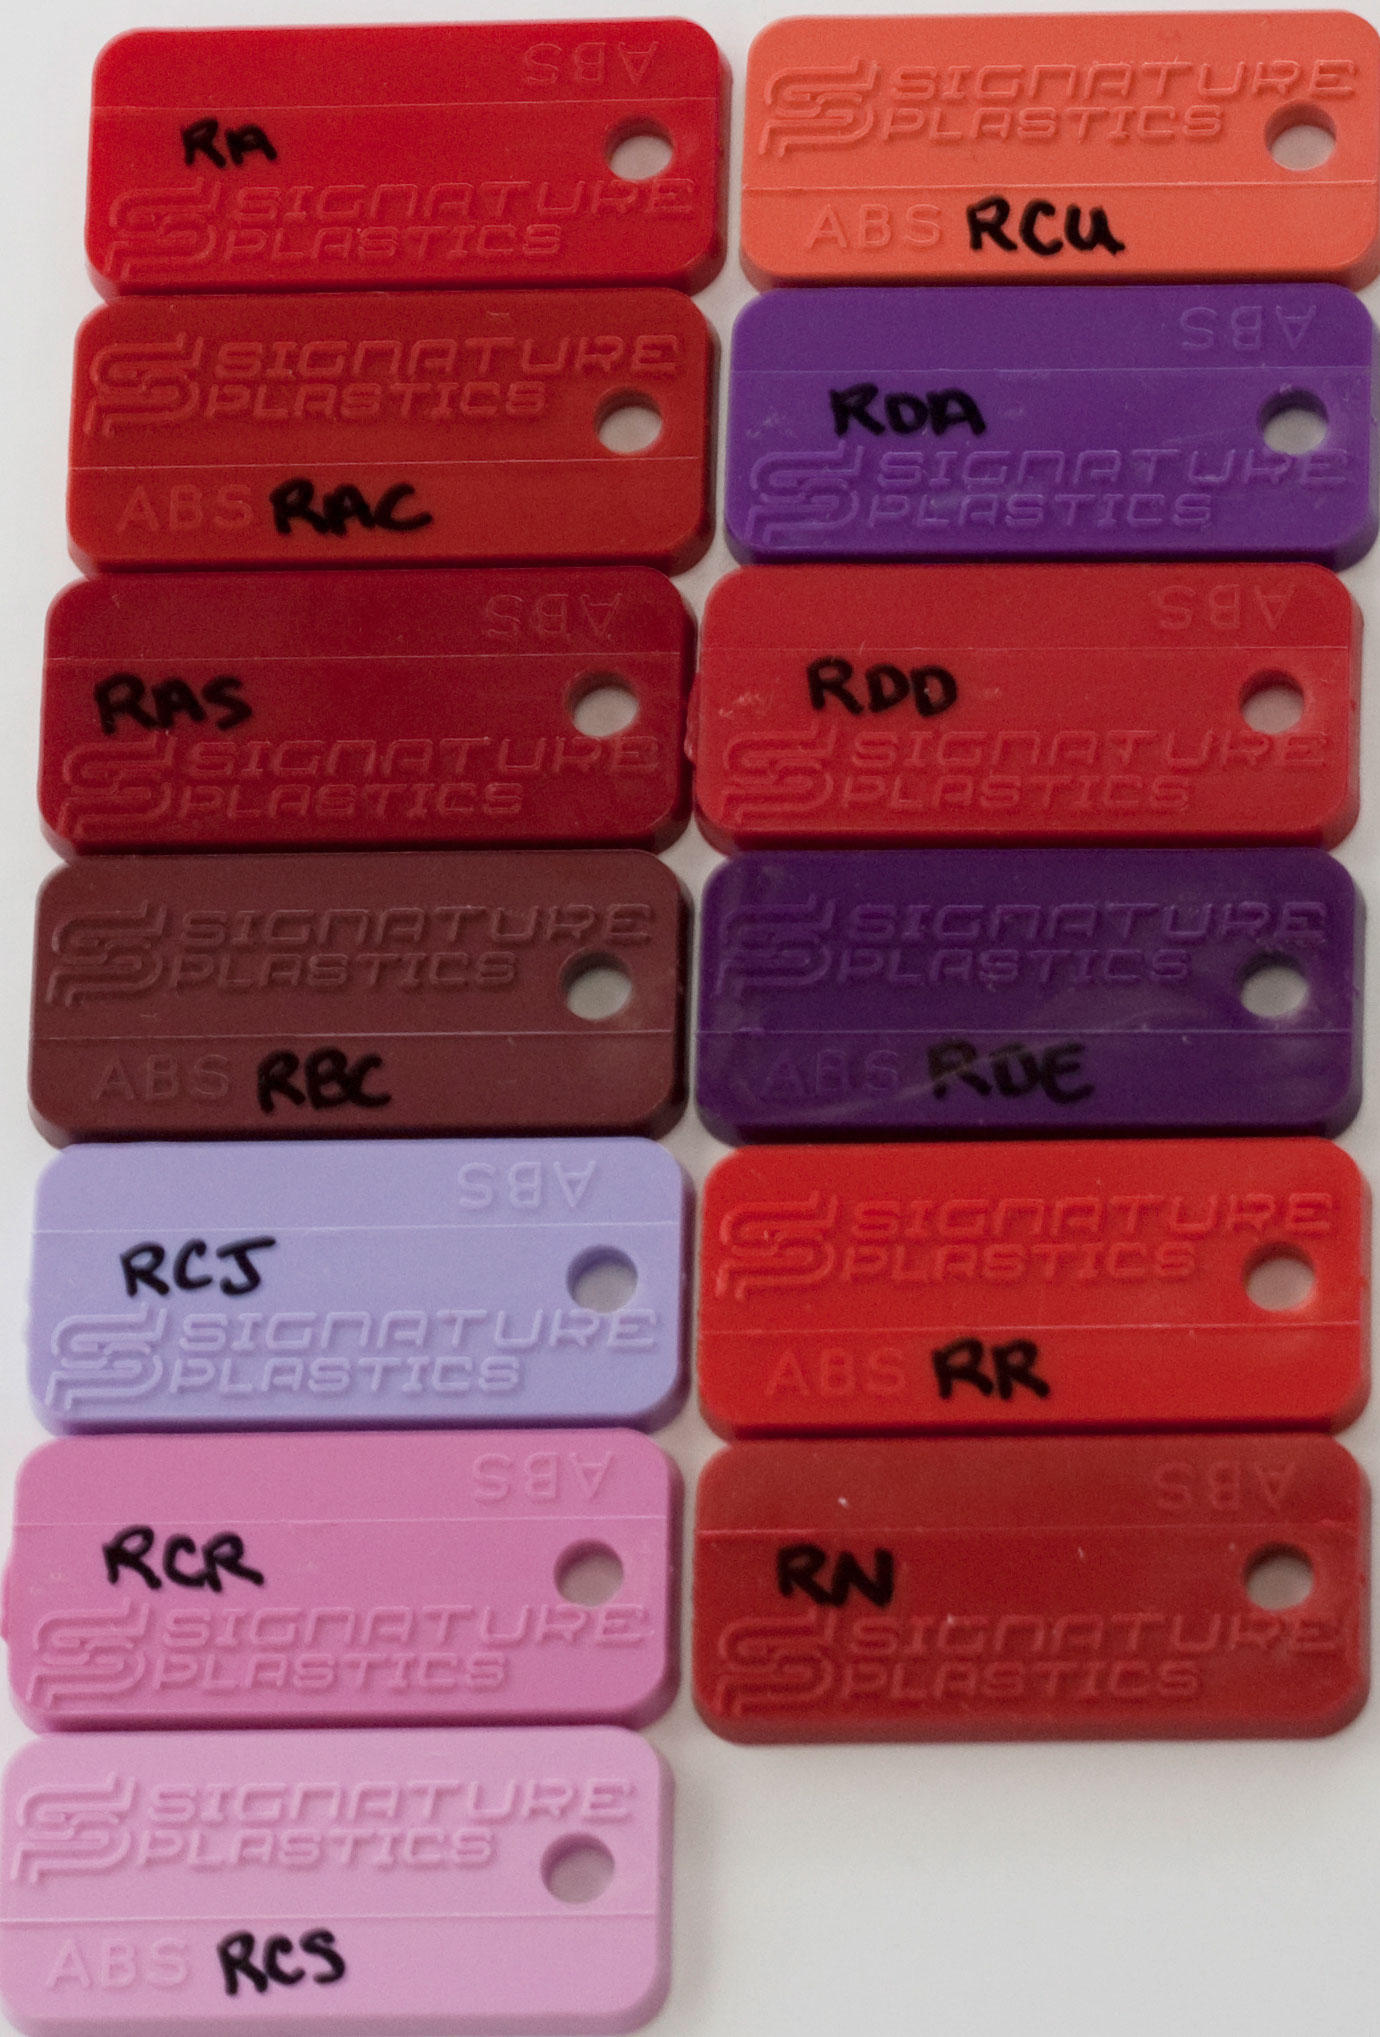 Keycap Colors